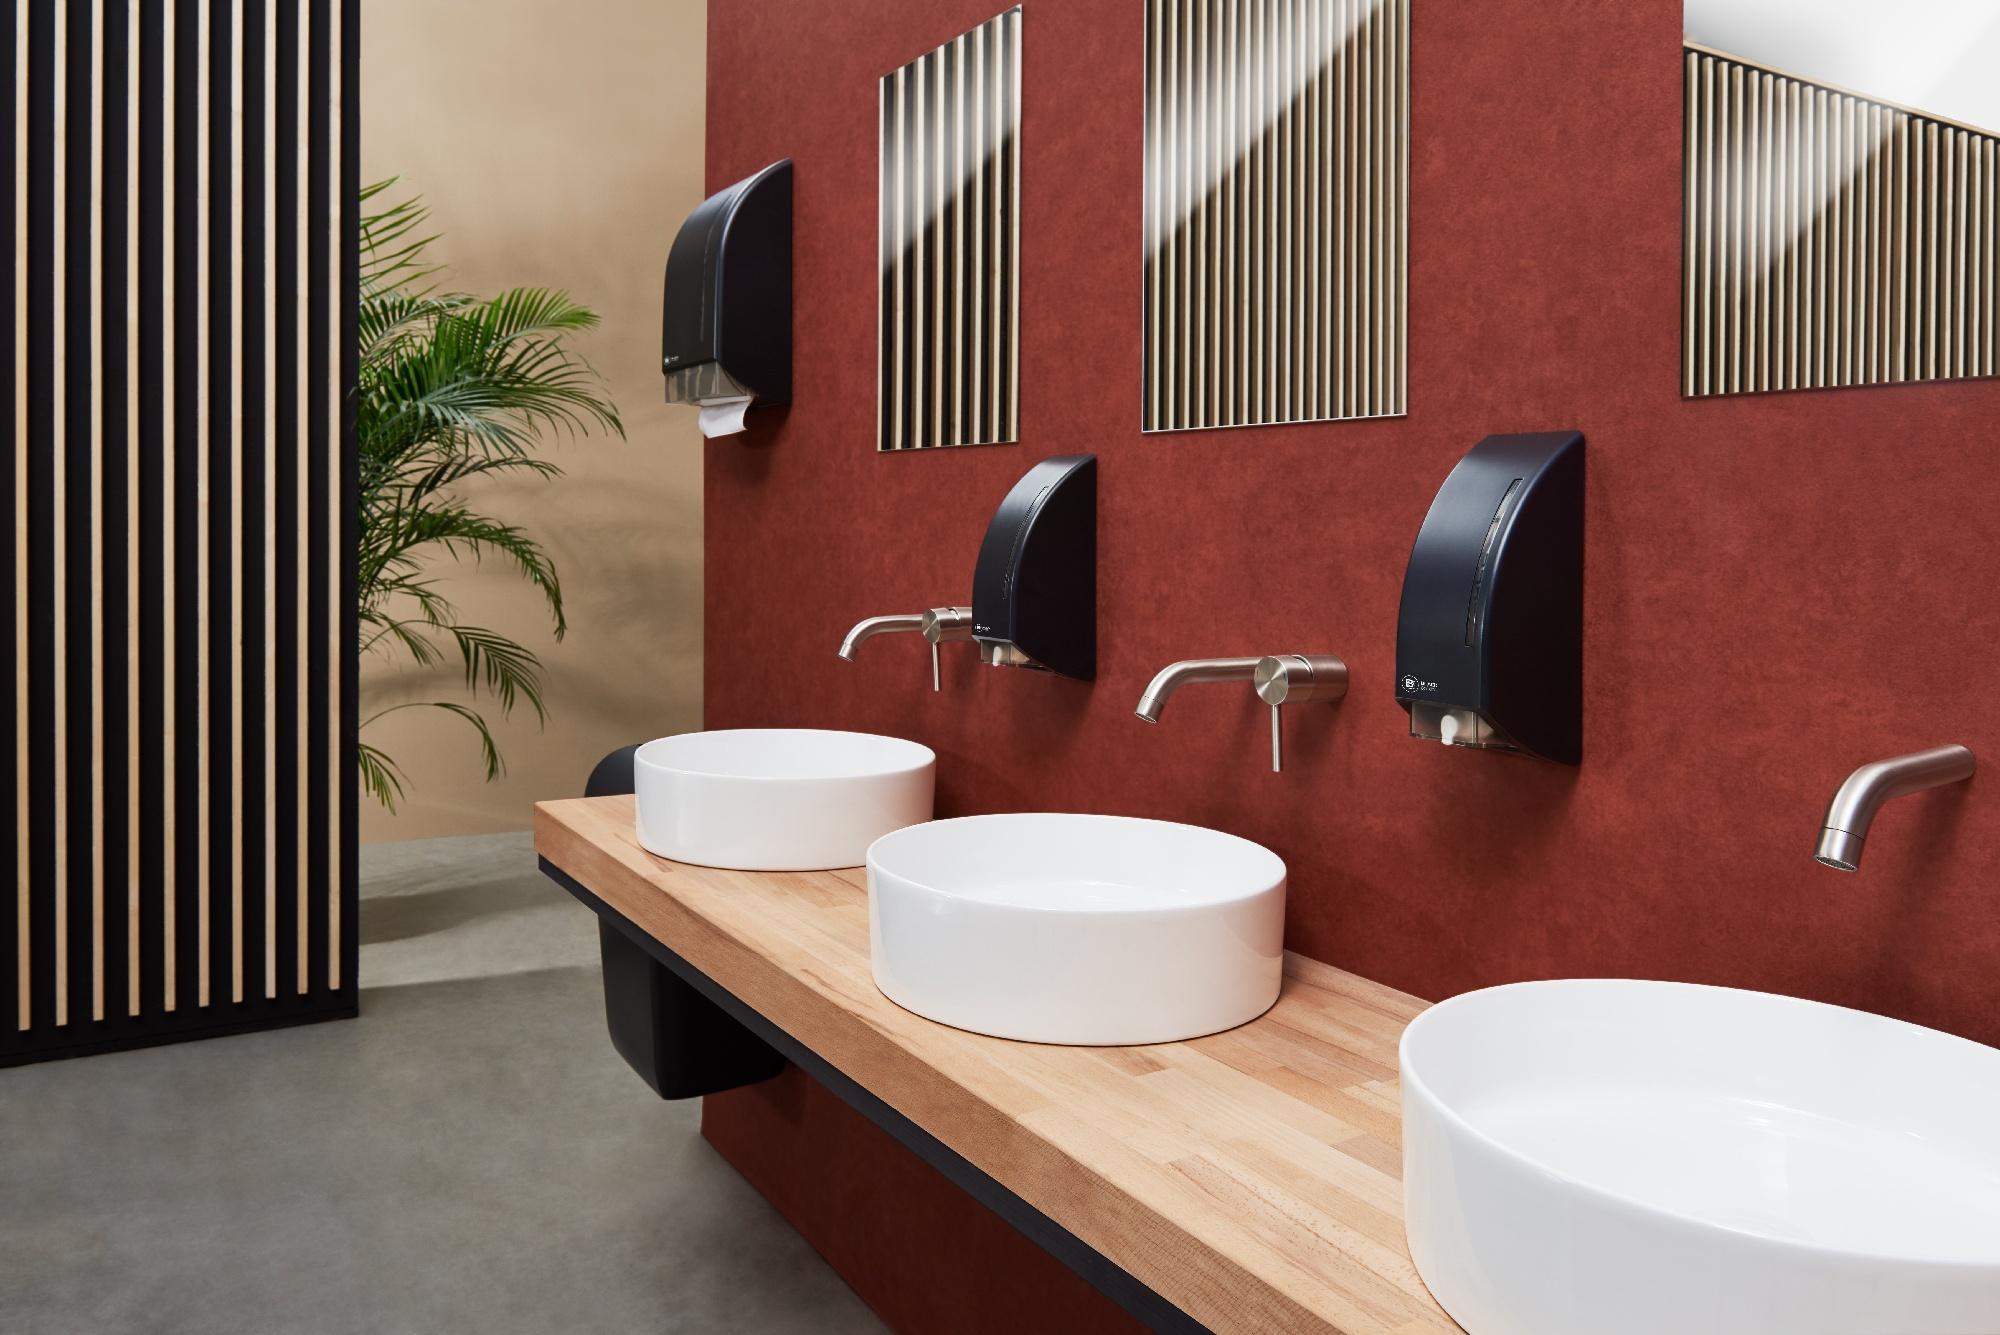 Hoe bepalen wij de ultieme inrichting voor jouw toiletruimtes